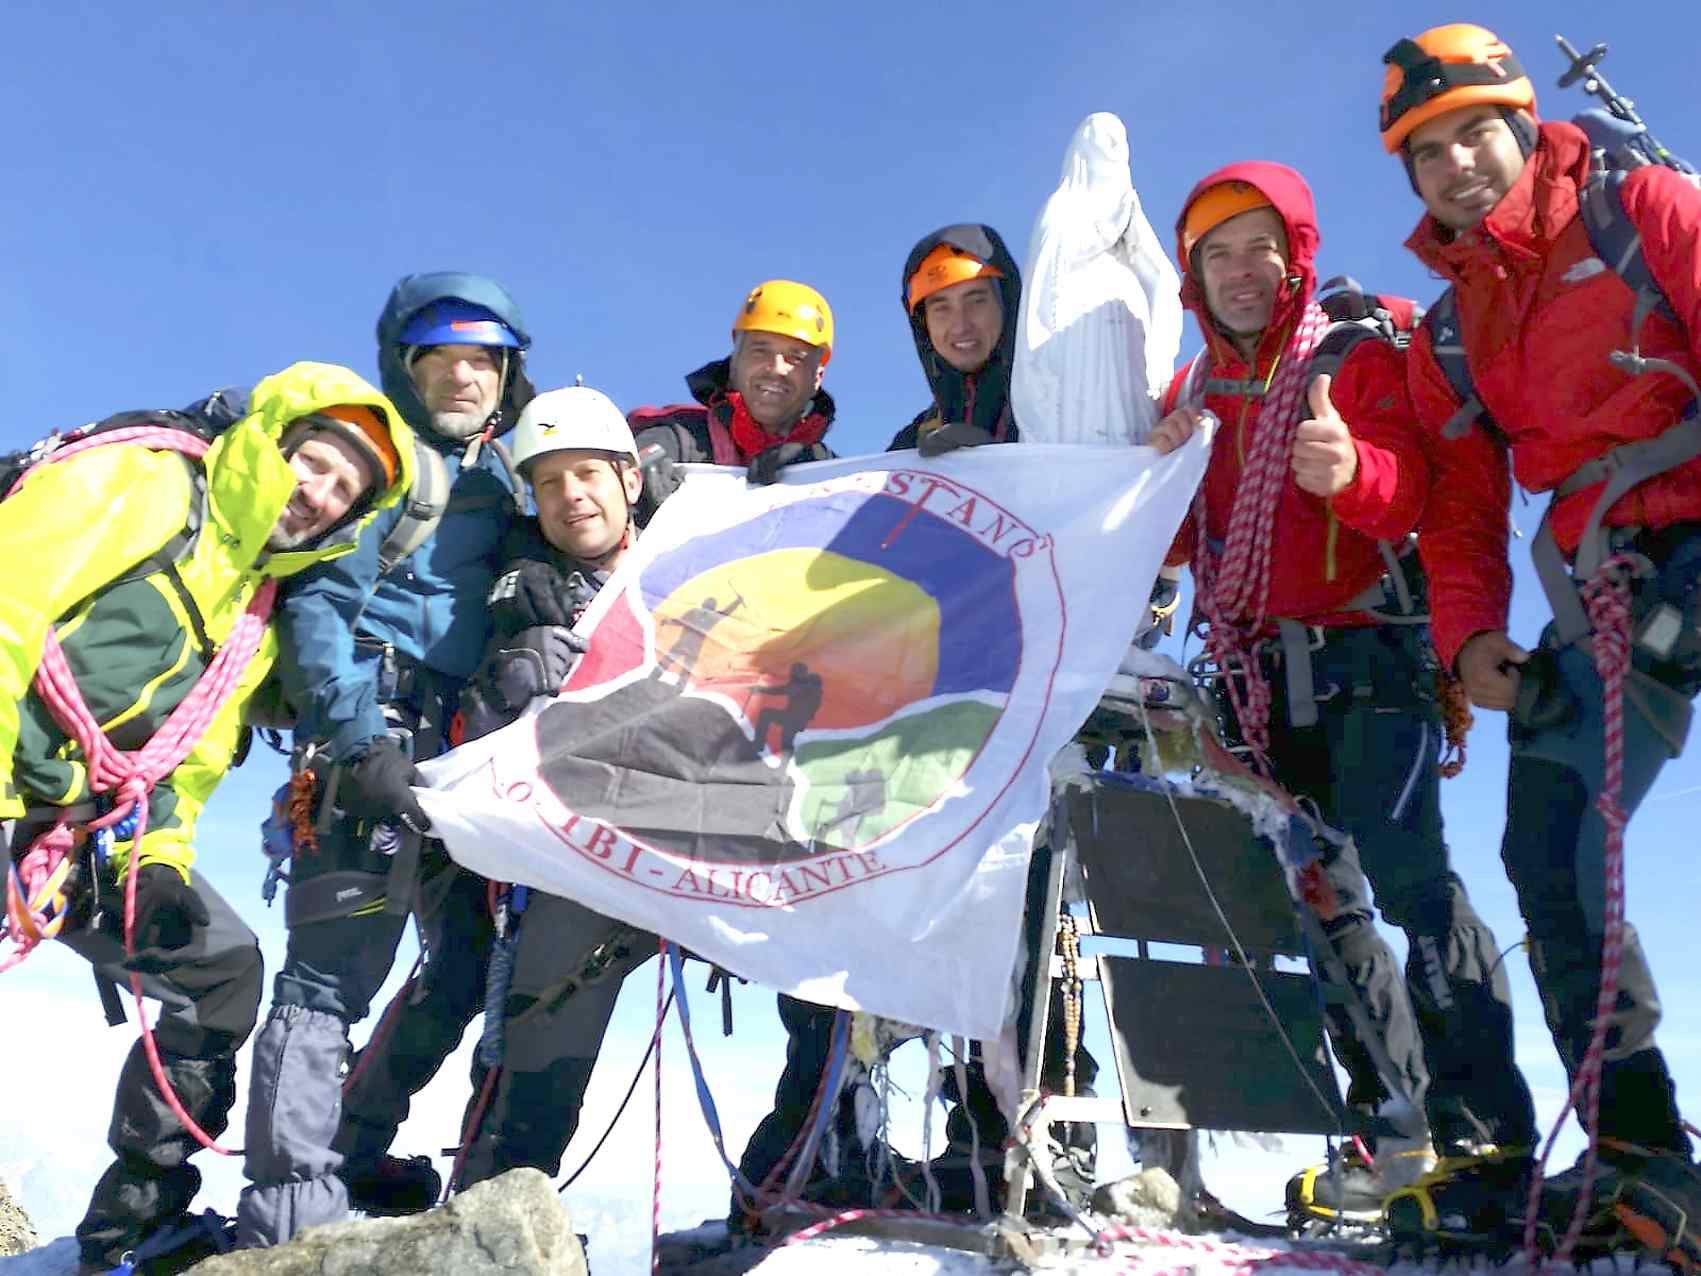 Alpinistes de Enkrestanos i Amics de les Muntanyes culminen l'ascens als cims del Gran Paradiso i el Mont Blanc